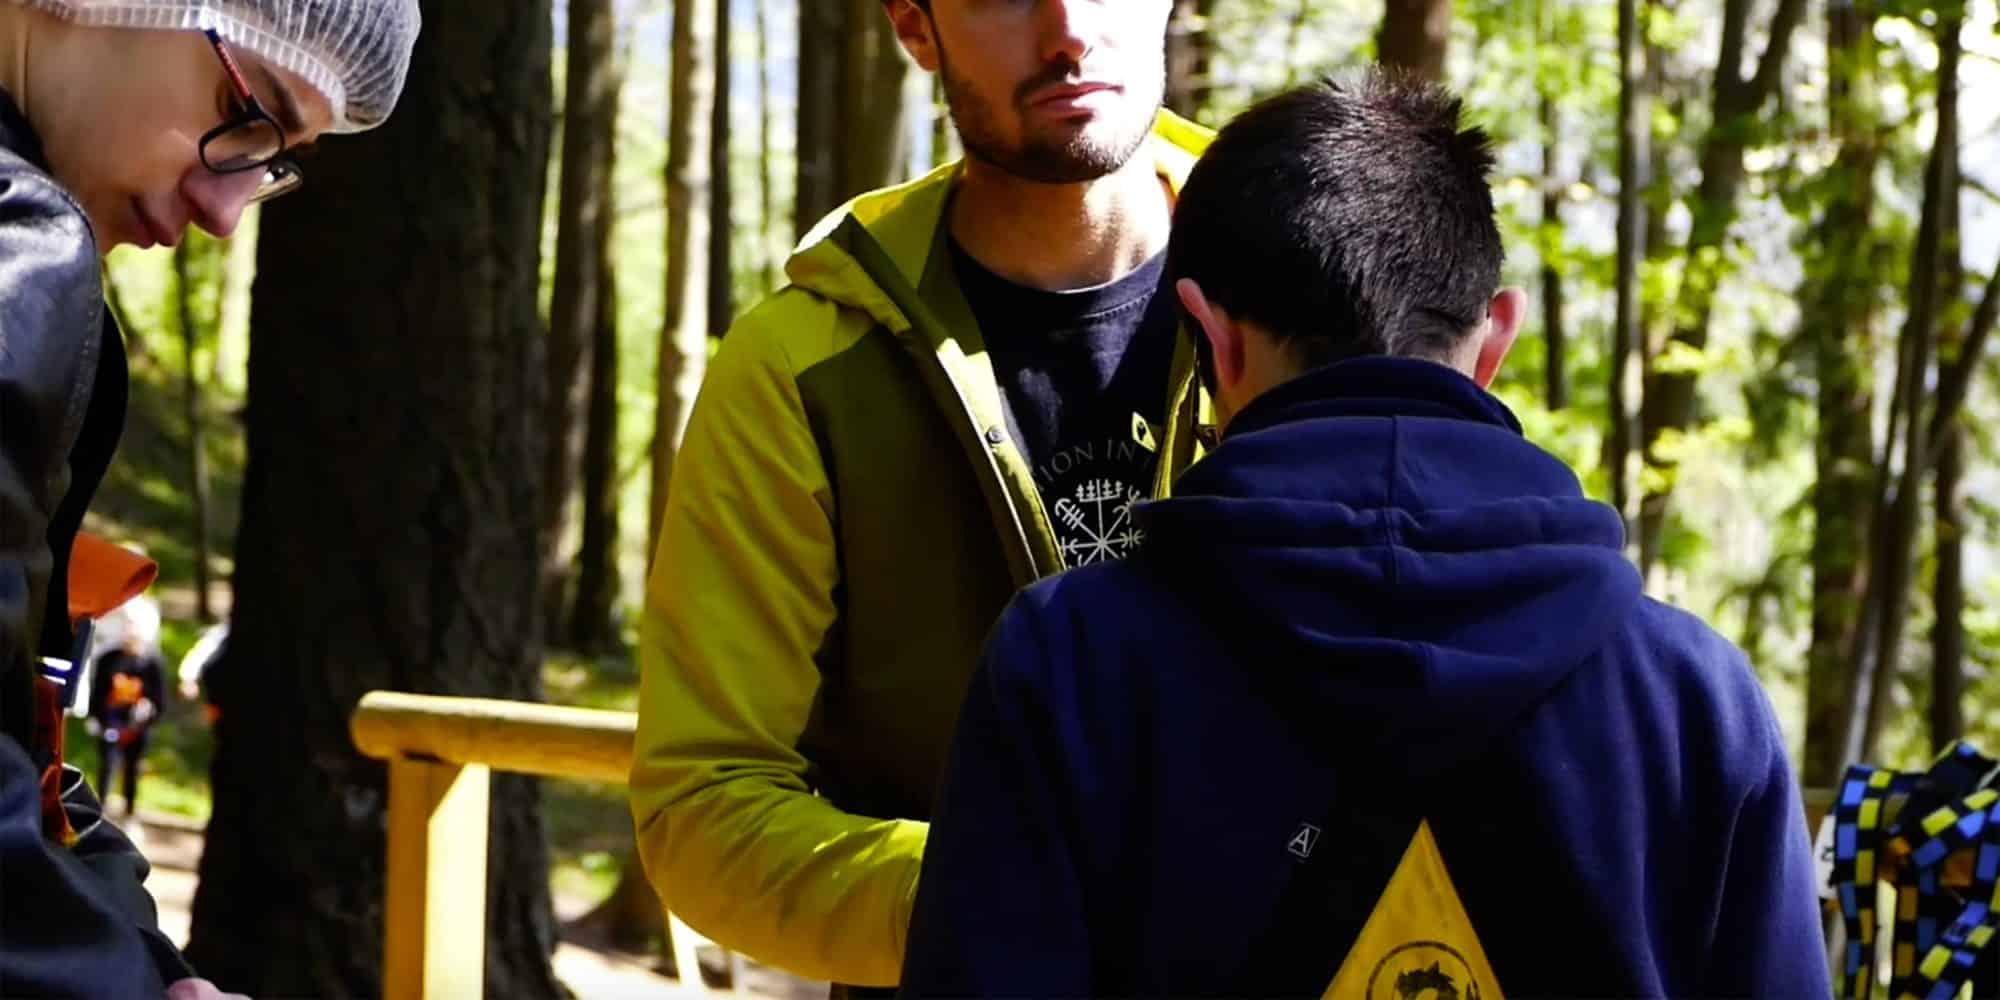 Istruttori dei parchi avventura in Lombardia